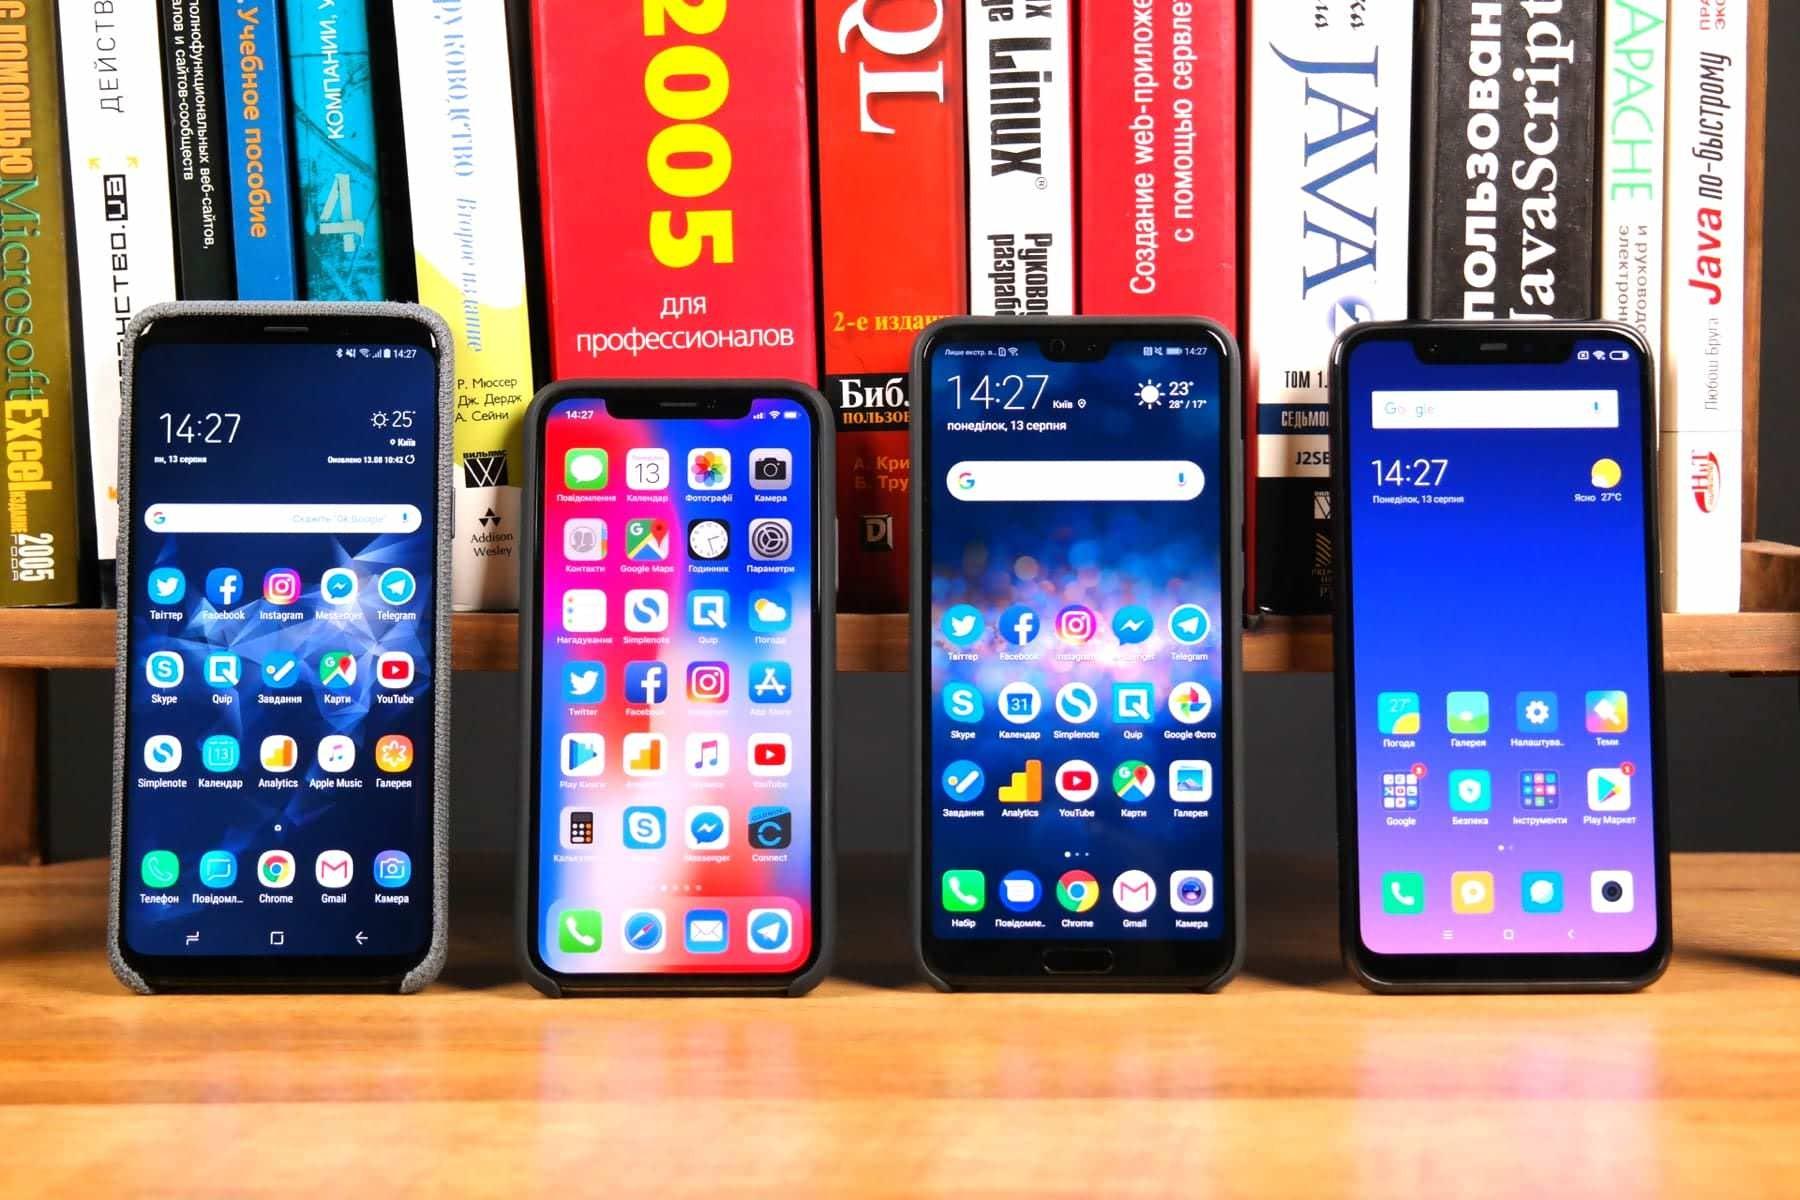 Связной распродает смартфоны Samsung, Apple и Xiaomi со скидками до 20 тысяч рублей